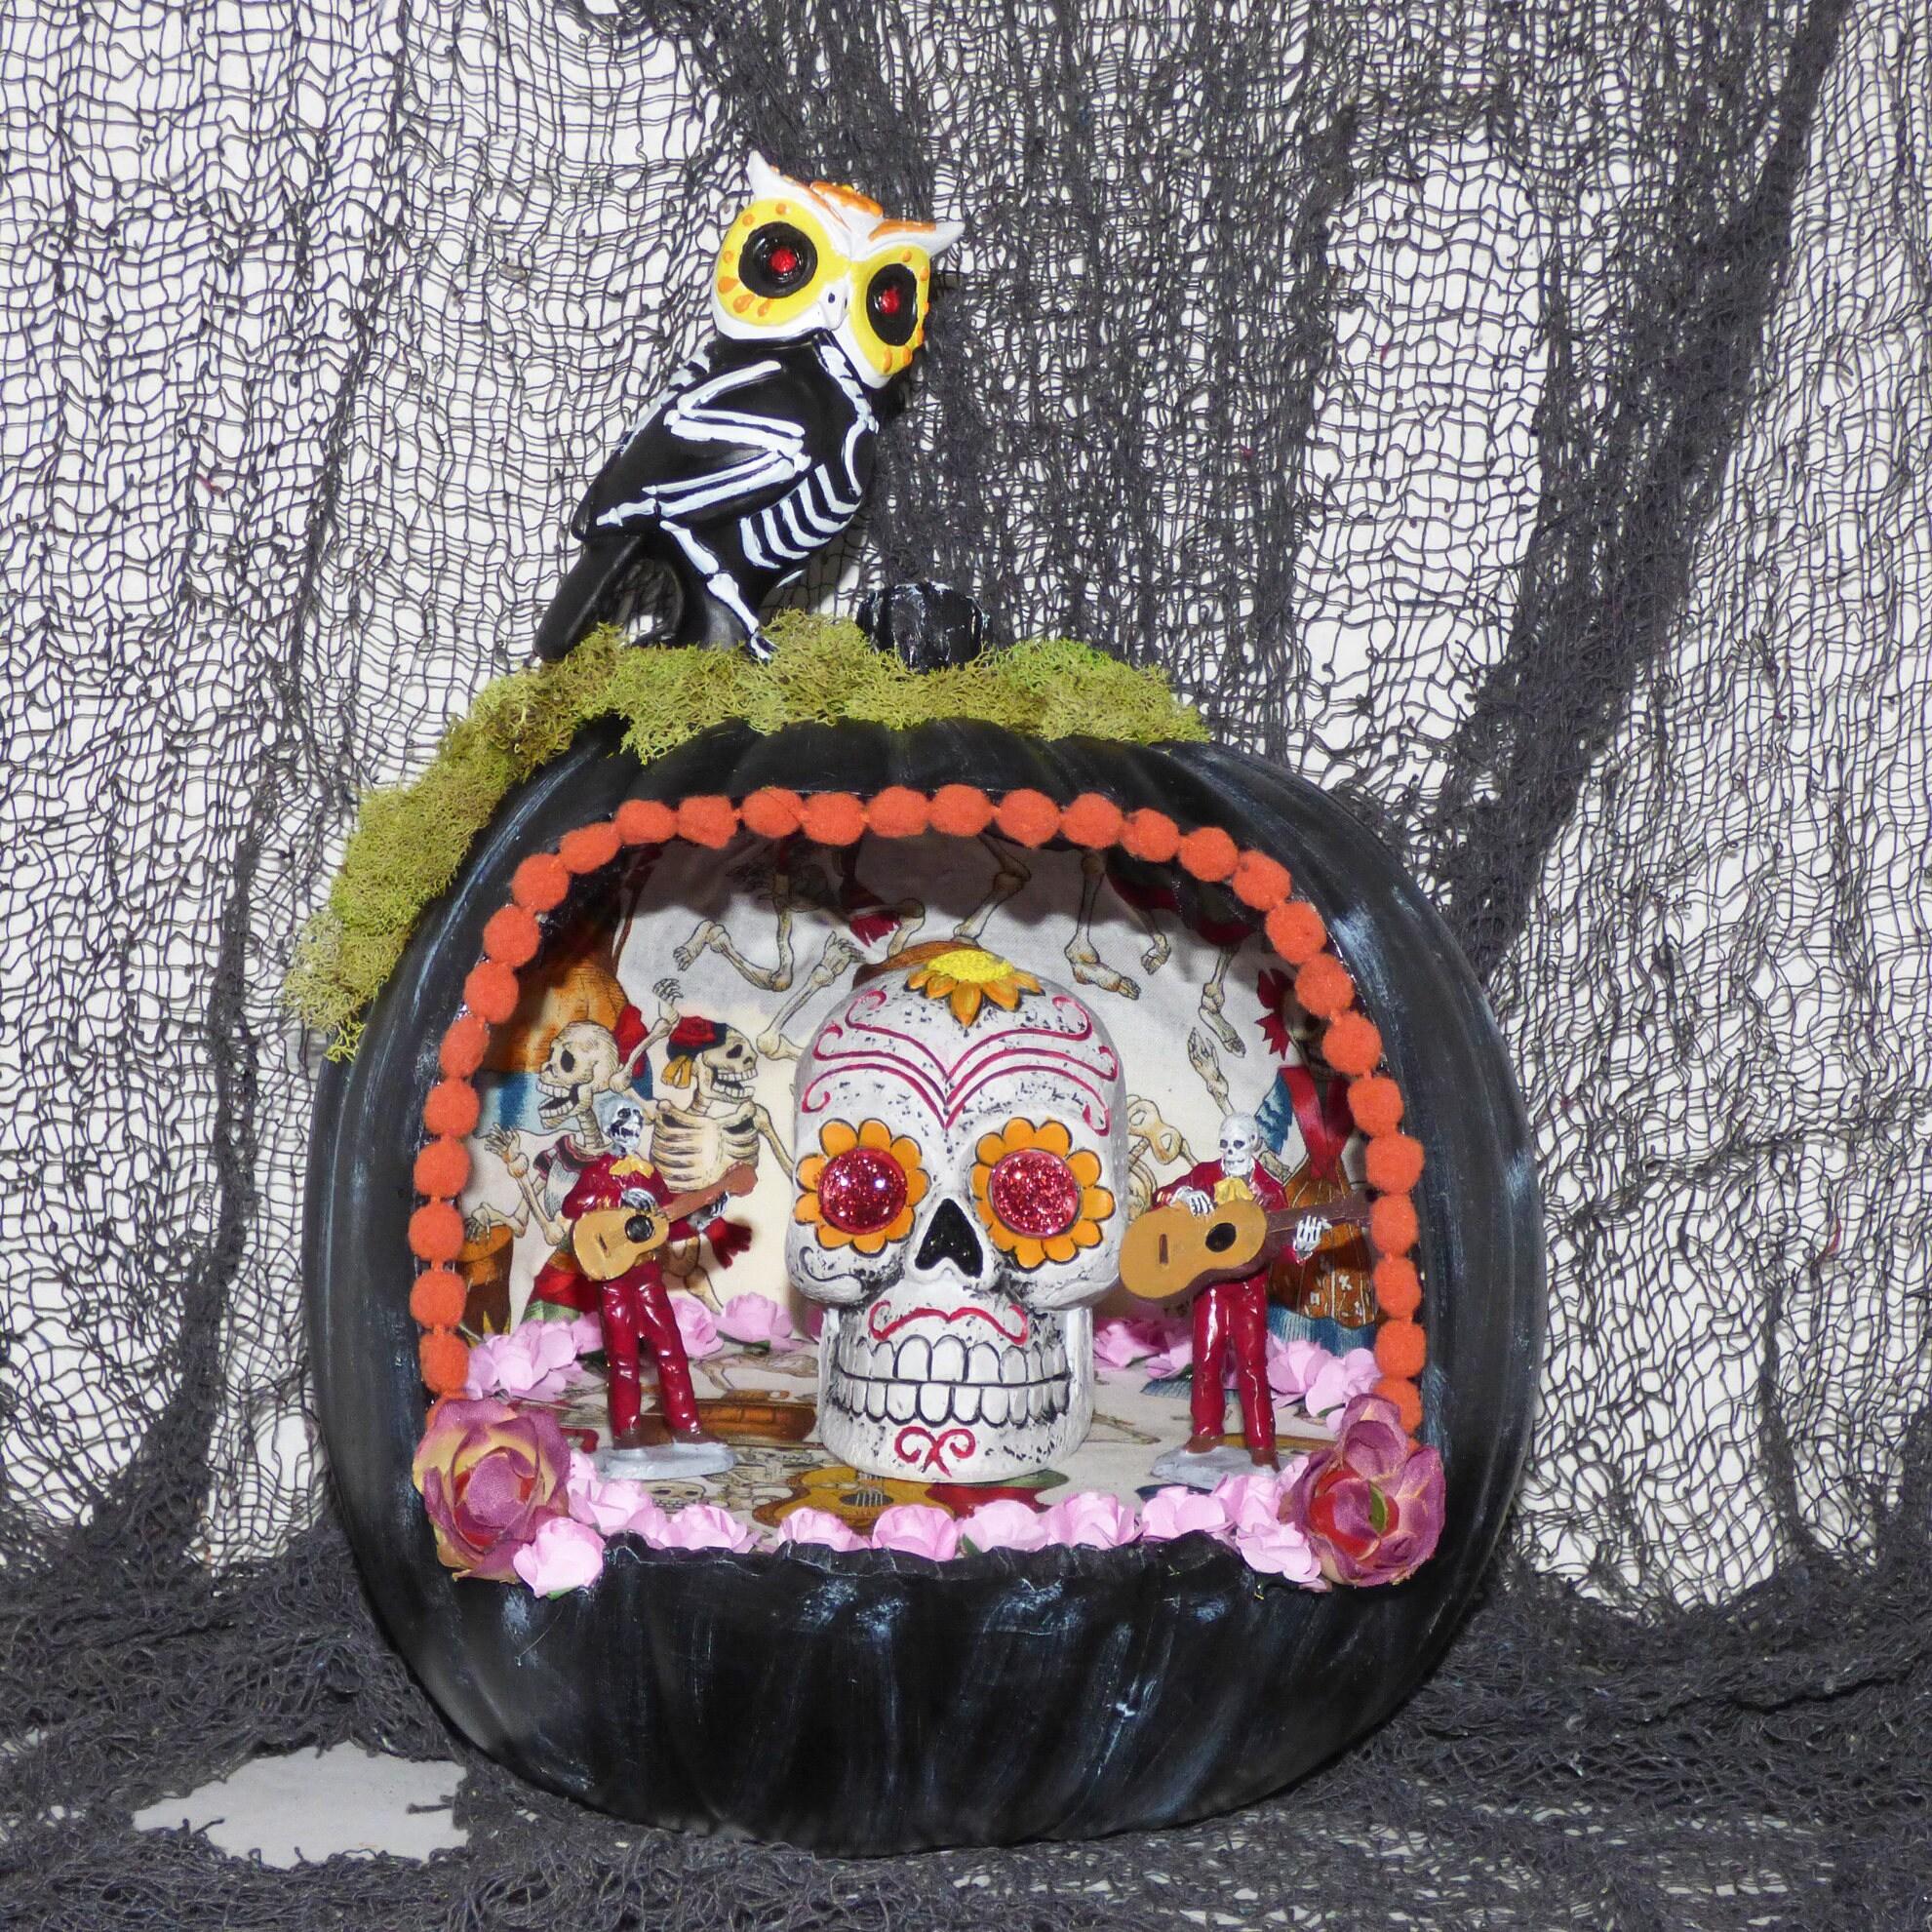 Pumpkin Diorama Day of the Dead Pumpkin Halloween Decor